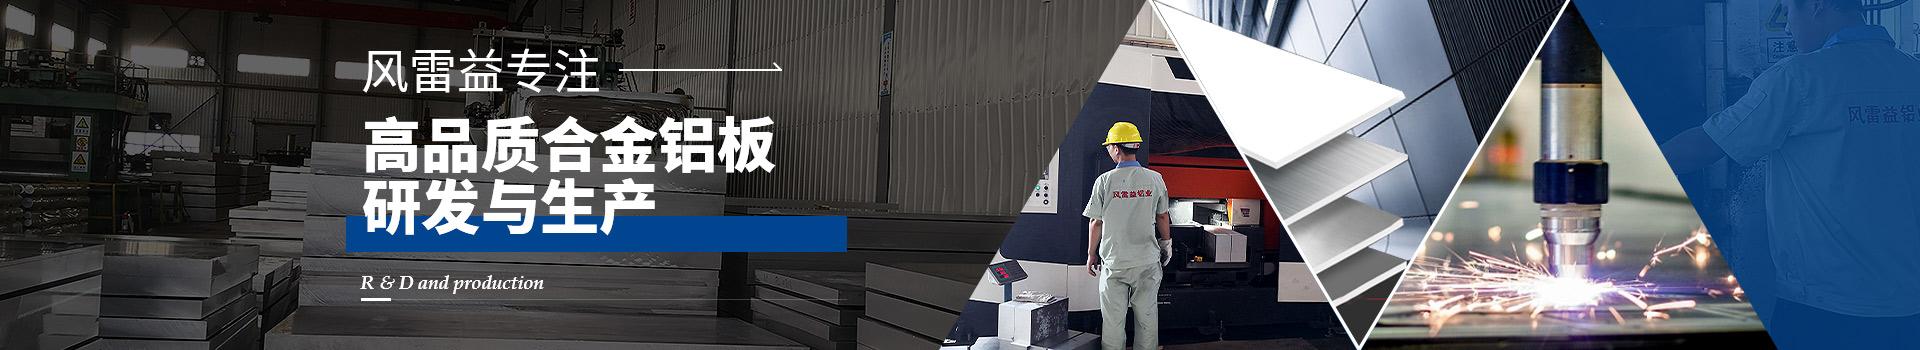 风雷益专注高品质铝合金铝板研发与生产